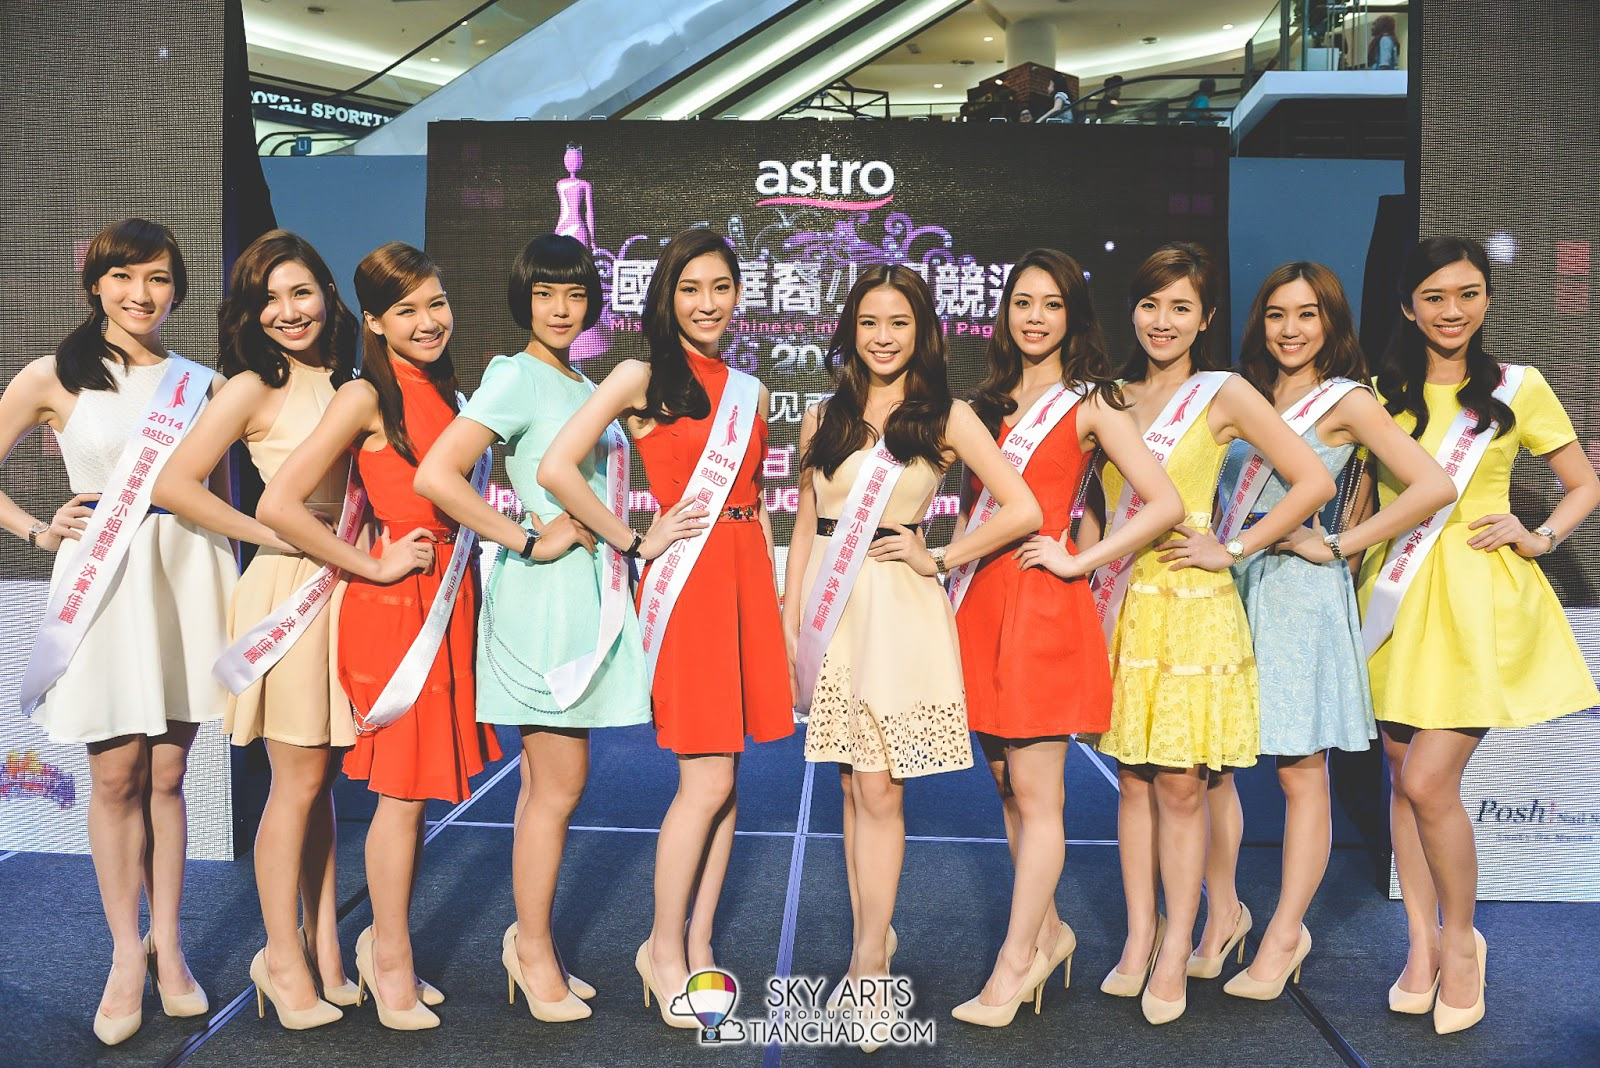 《Astro国际华裔小姐竞选2014》的佳丽们换上小洋装展现时代女性的自信美